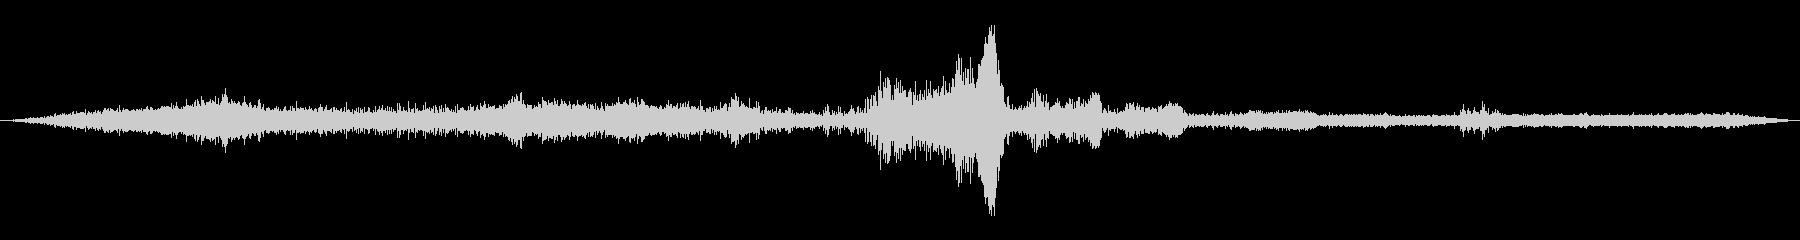 交差点の音1の未再生の波形